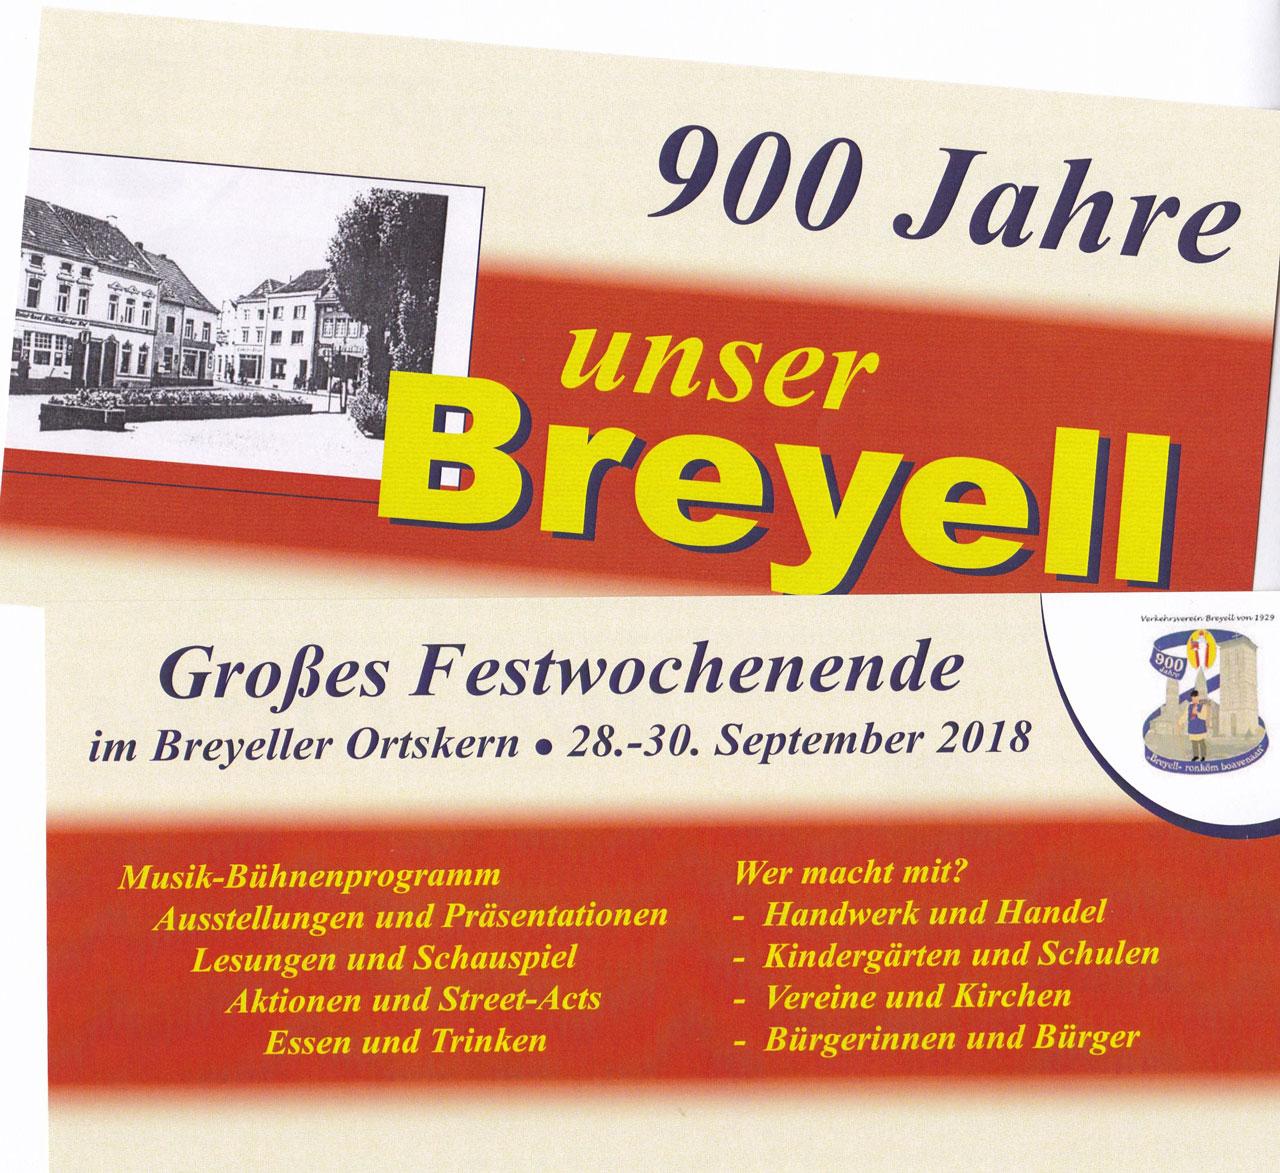 900 Jahre - unser Breyell